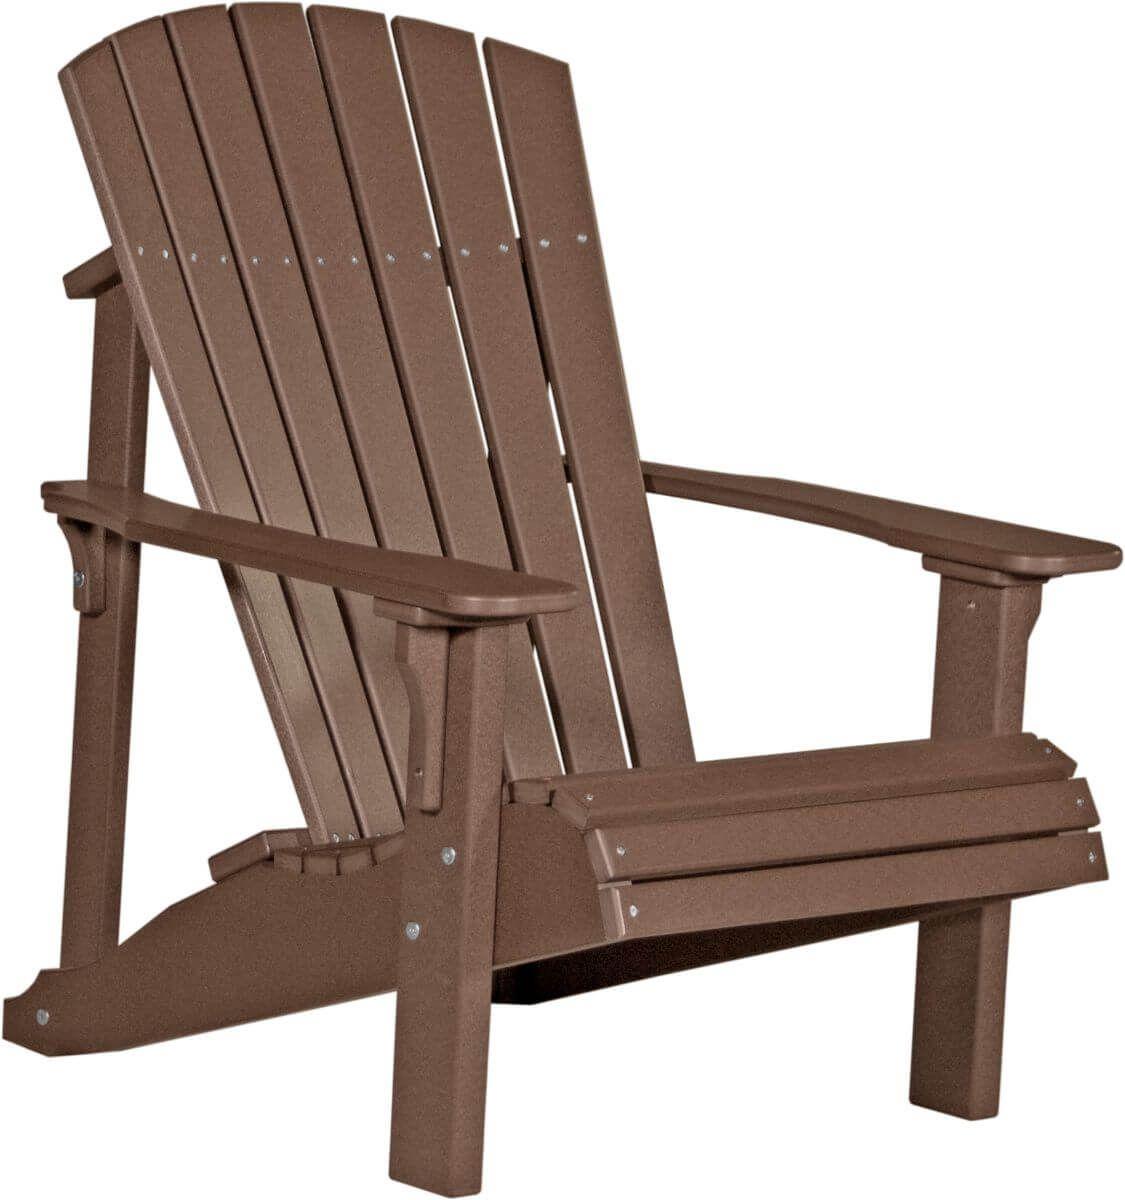 Chestnut Brown Rockaway Adirondack Chair